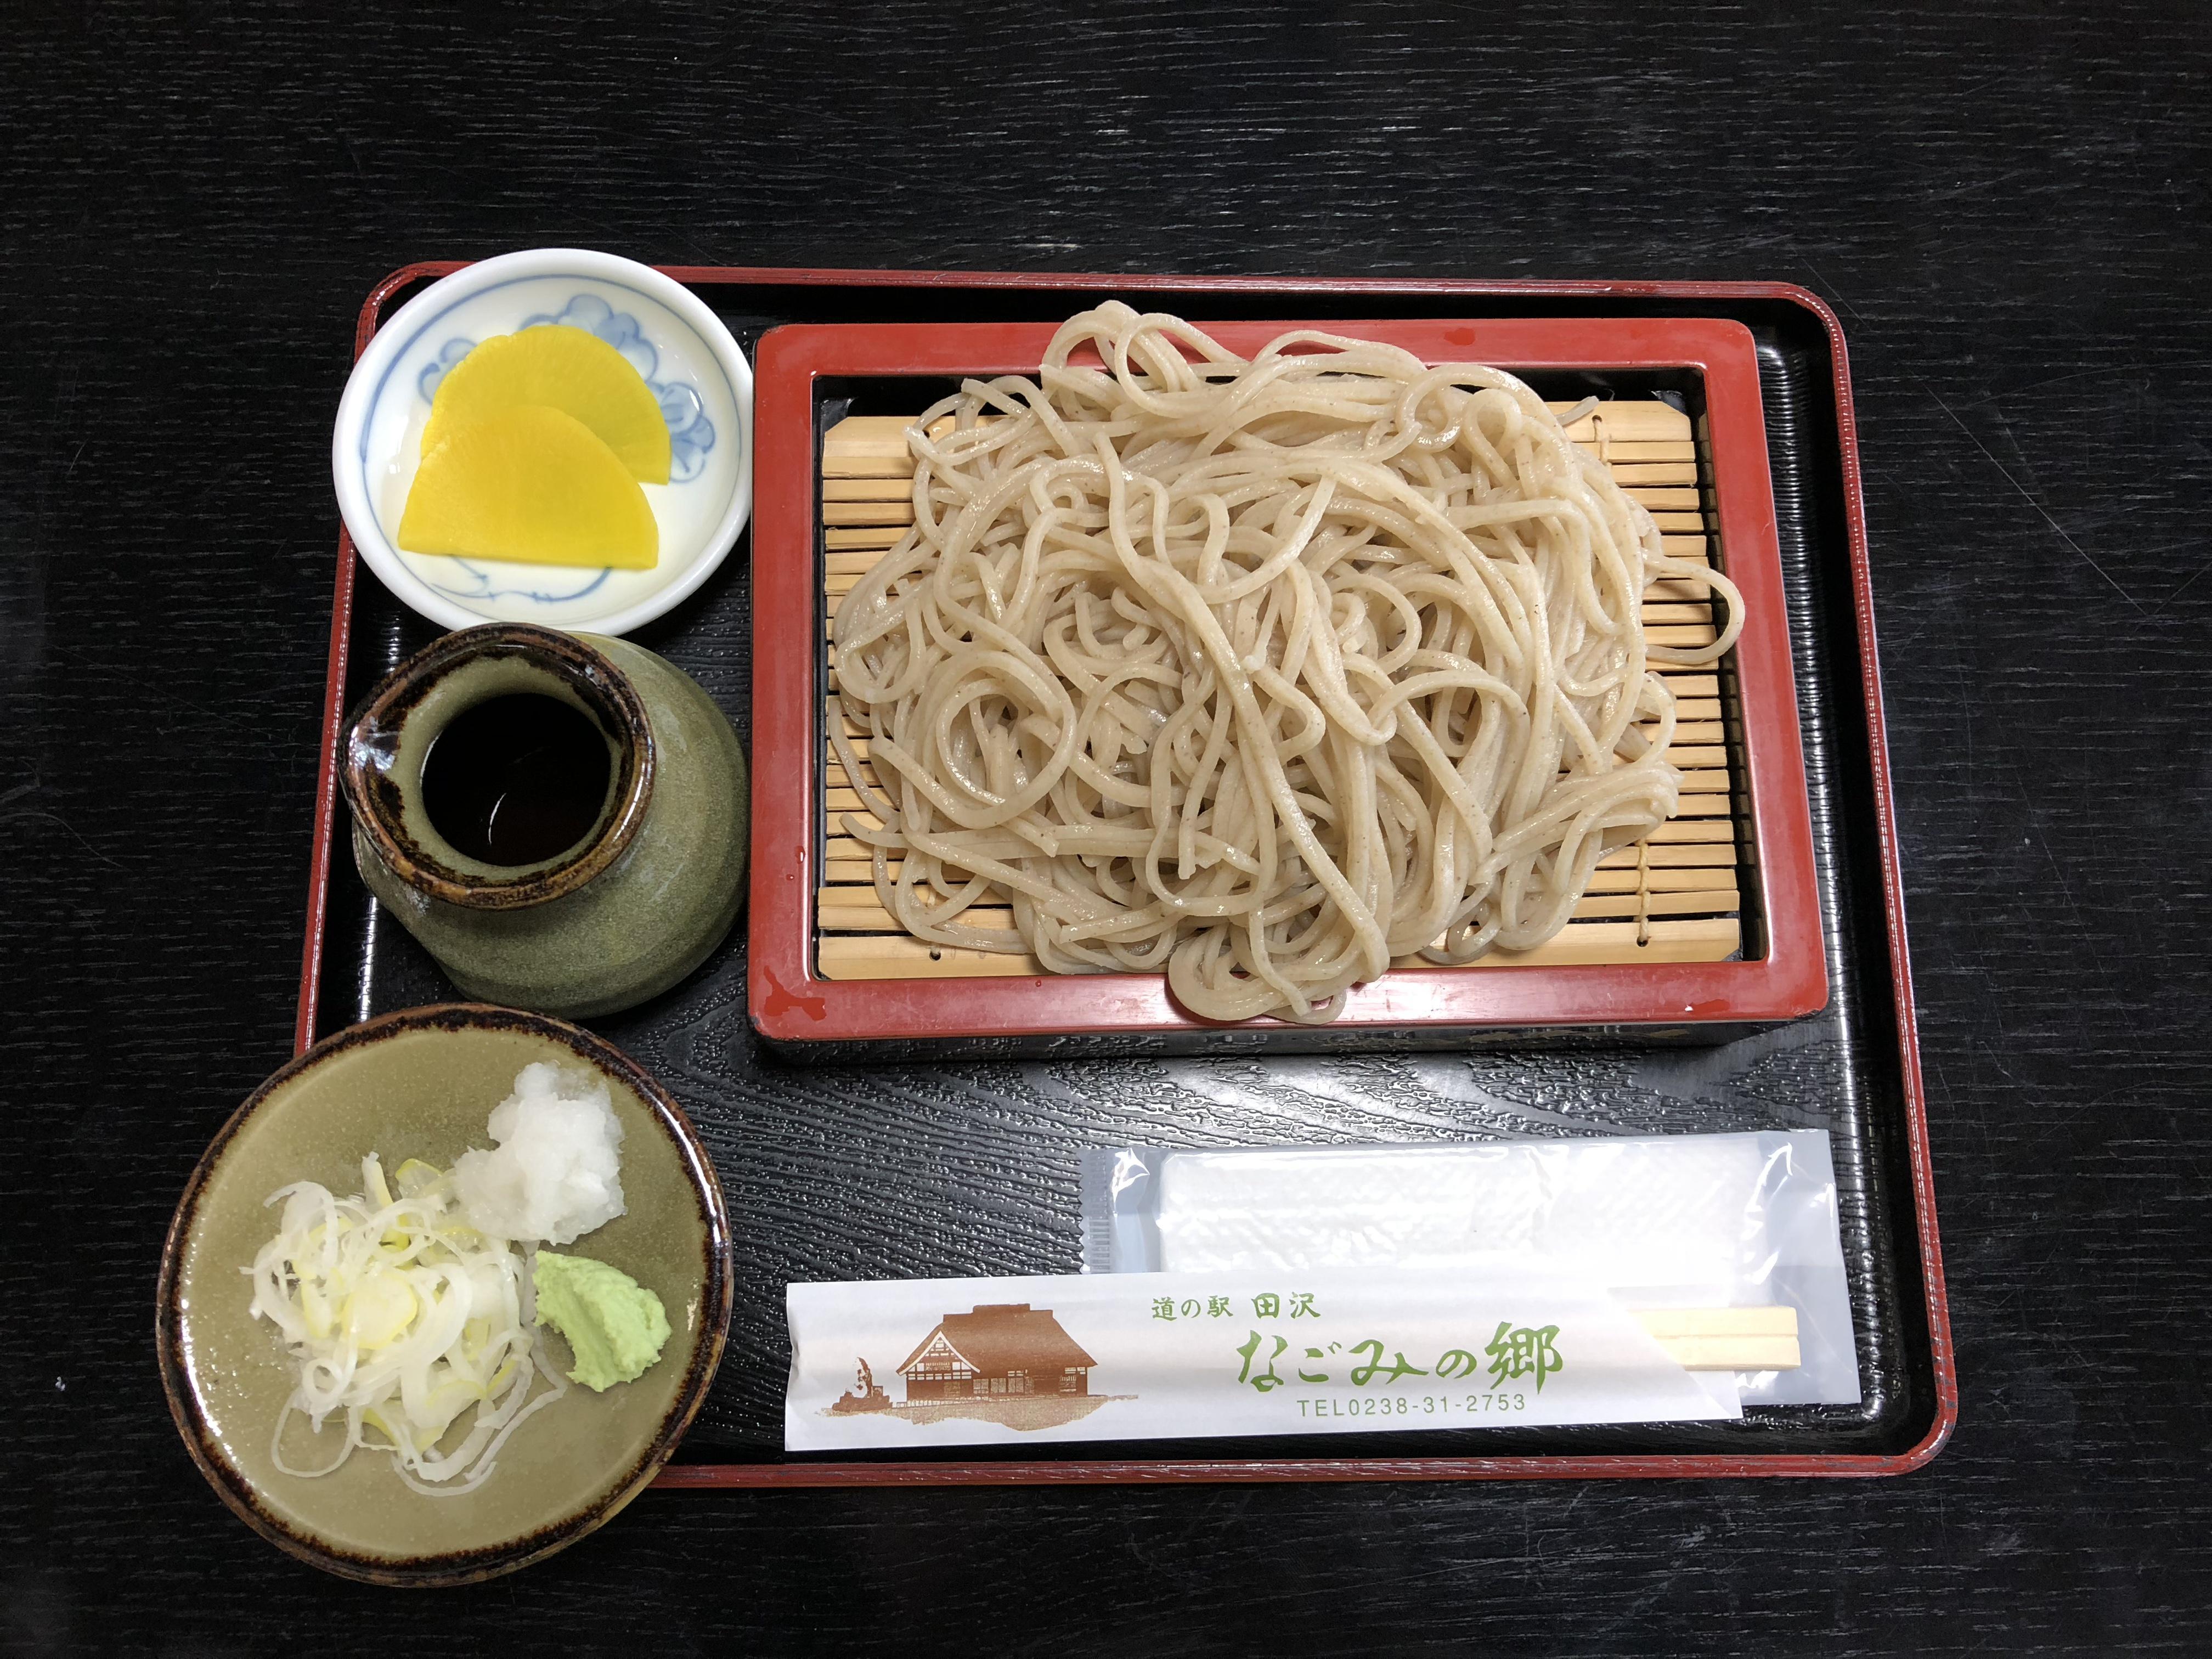 道の駅田沢 新そば祭り(11月1日〜3日)